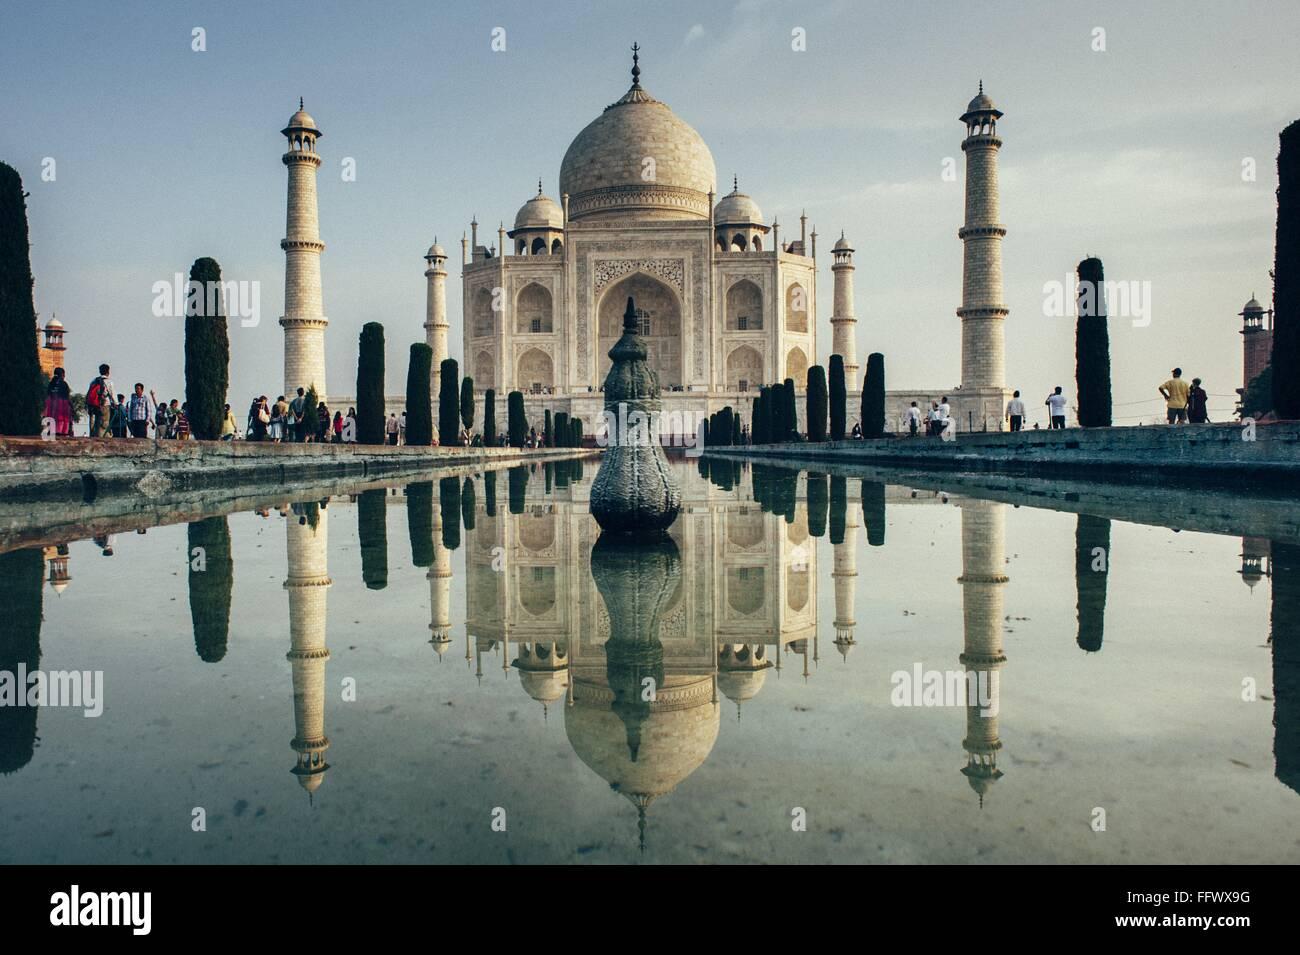 La riflessione del Taj Mahal contro il cielo chiaro Immagini Stock